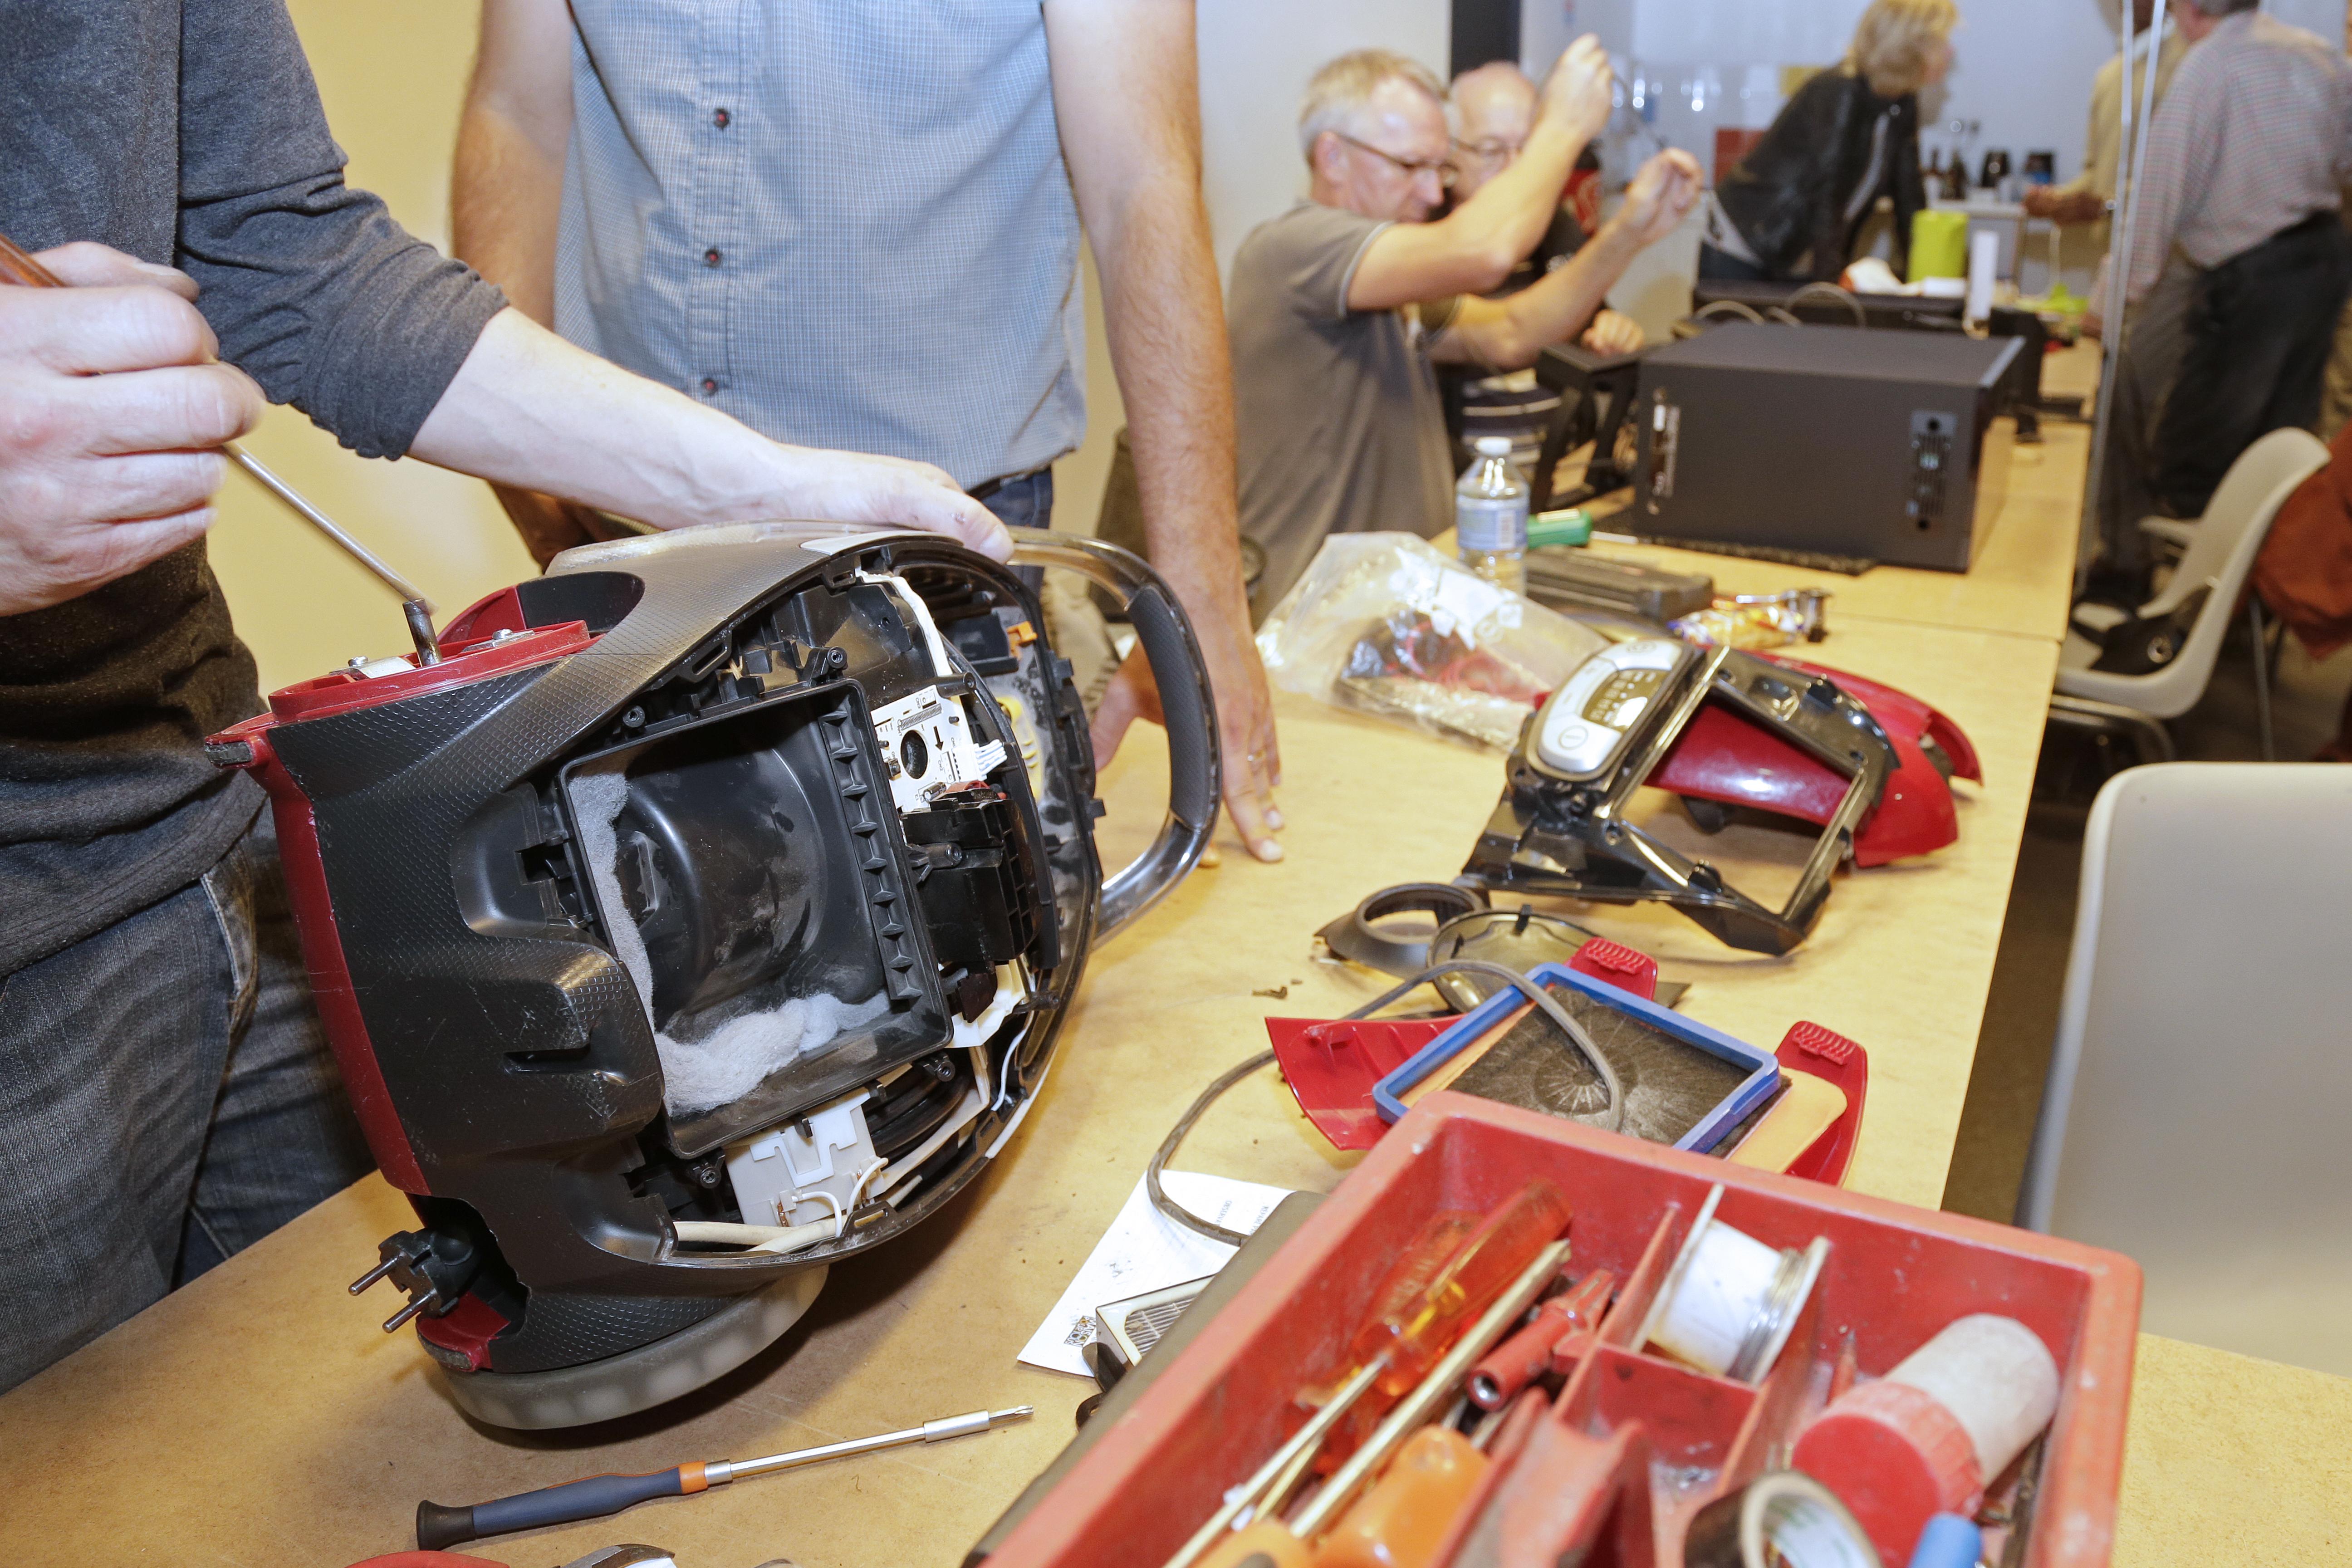 Plus d'informations sur les Repair Café du Grand Nancy sur repairgrandnancy.fr